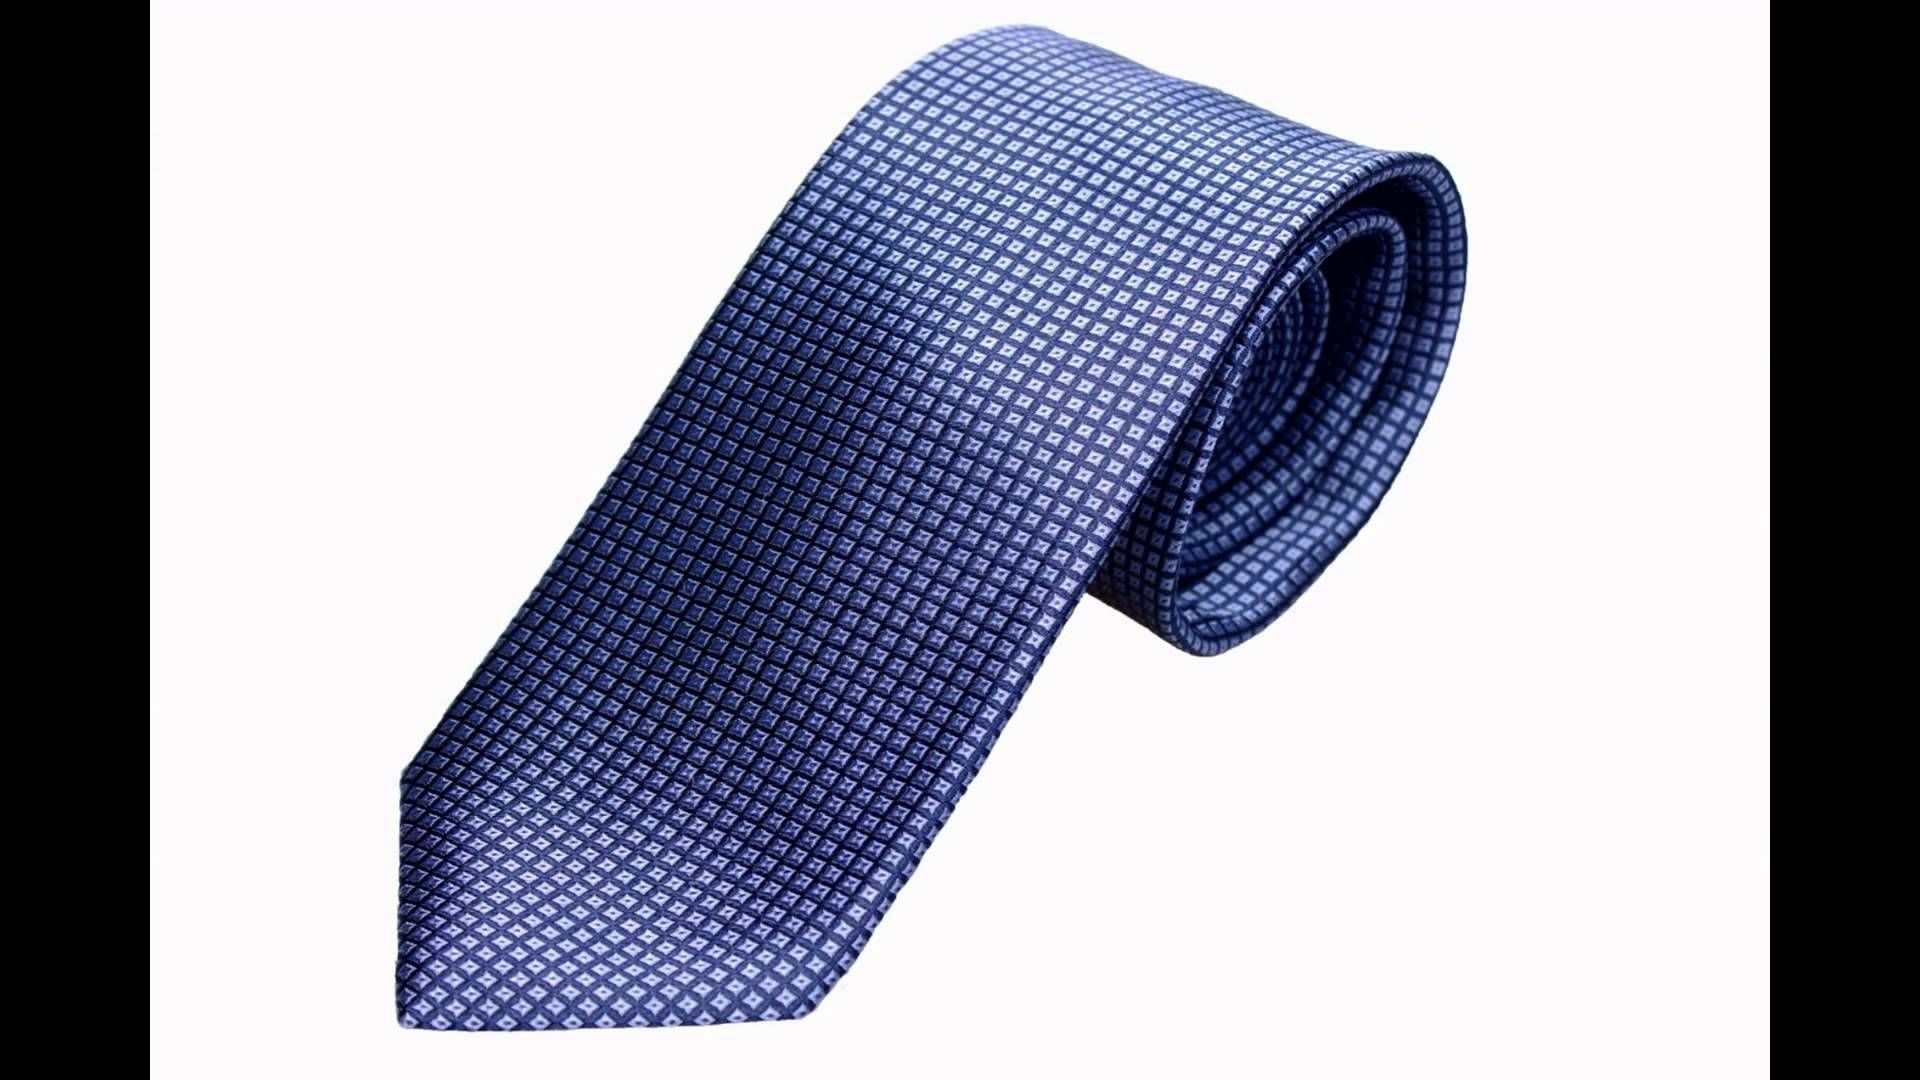 Luciano Lopalco - Krawatten & Accessoires